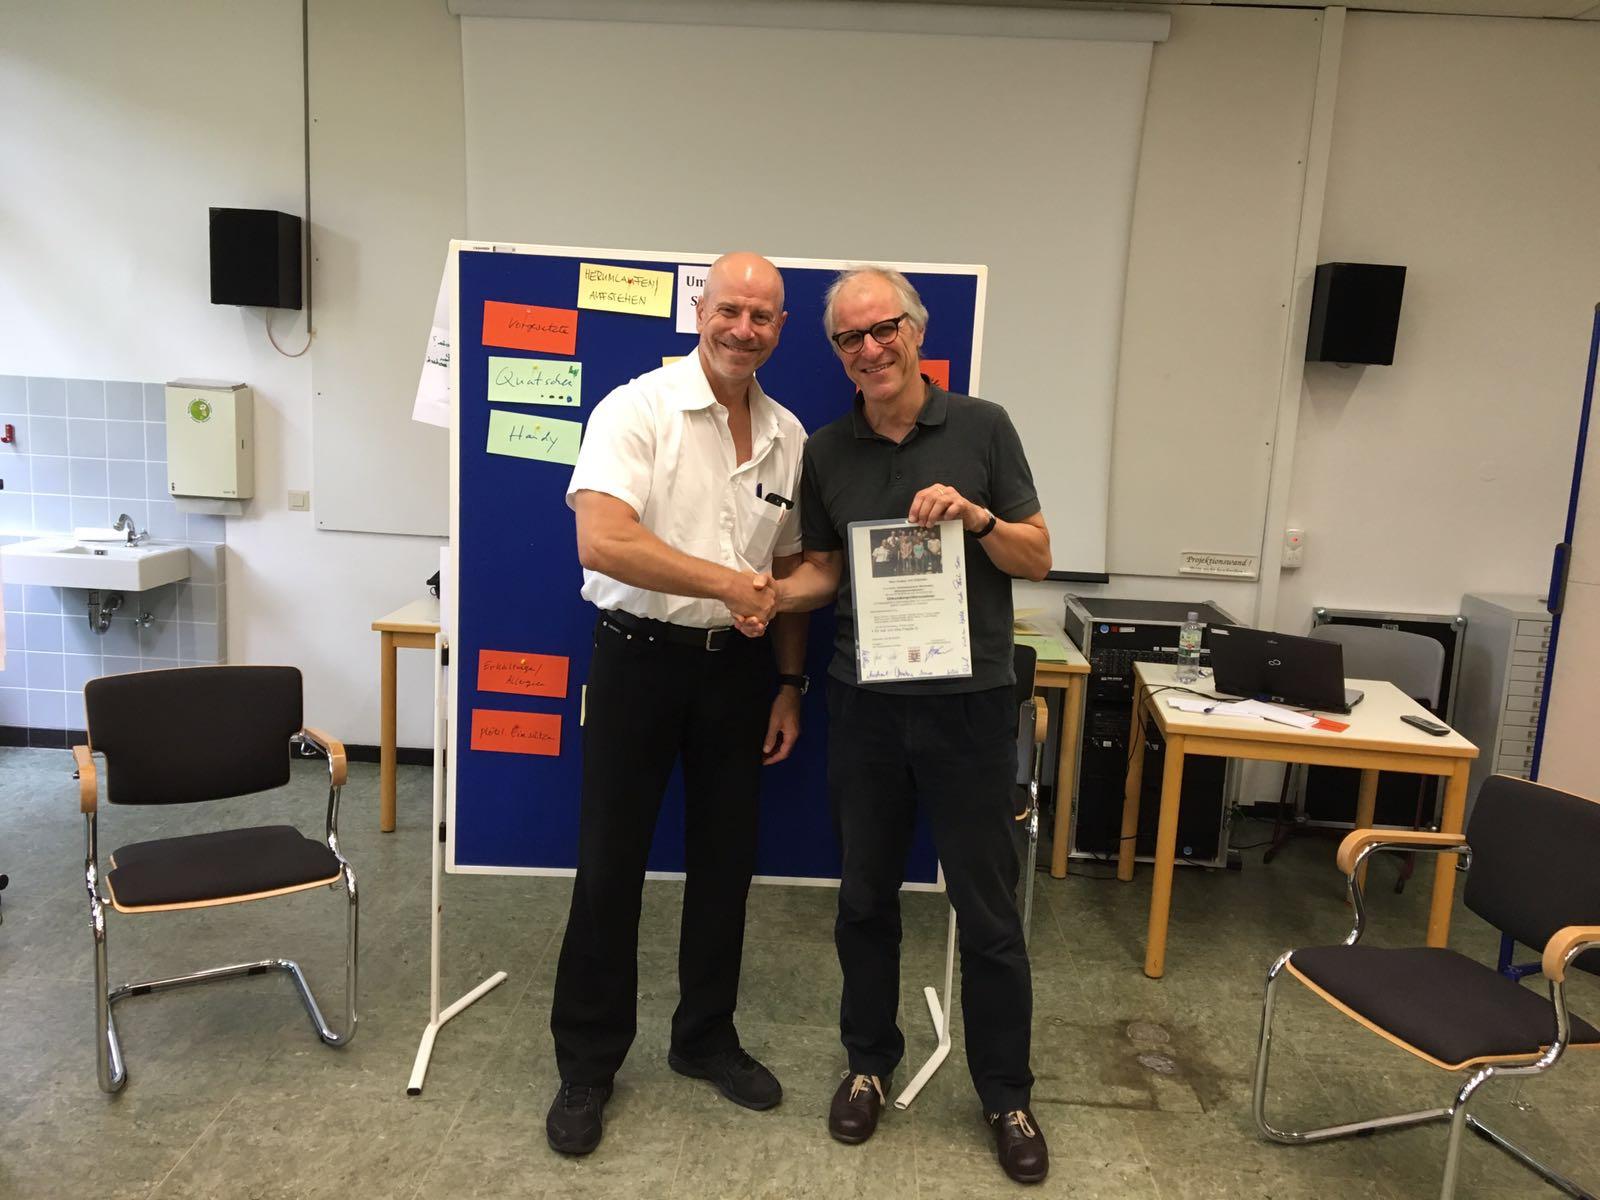 Abschluss eines Urkunden-Pädagogik-Seminars an der Polizeiakademie in Wiesbaden unter meiner Leitung